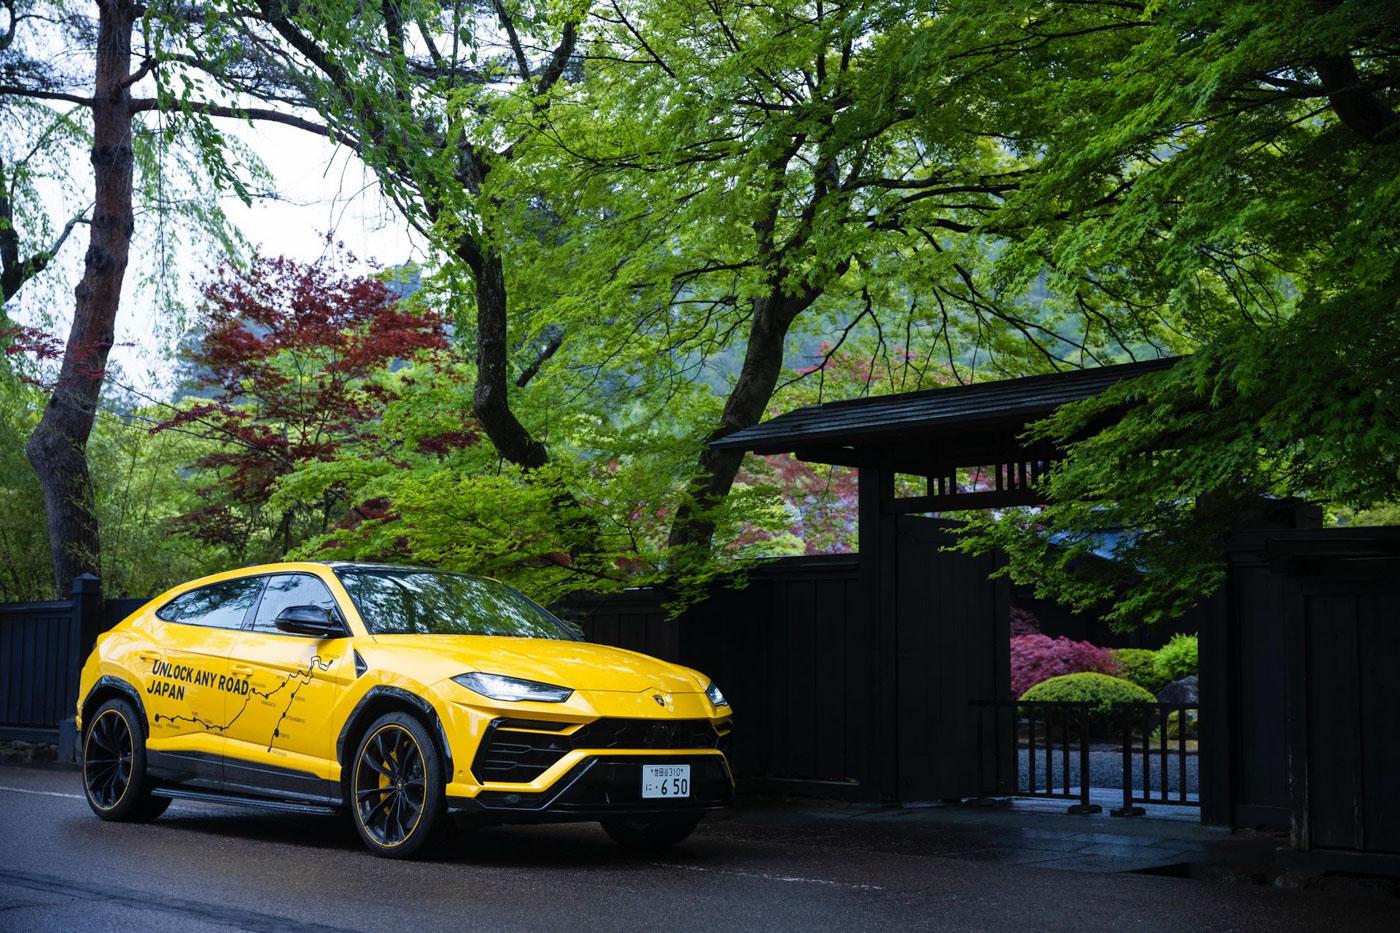 Bộ-đôi-Lamborghini-Urus-vượt-hơn-6.500-km-trong-hành-trình-xuyên-Nhật-Bản (17).jpg